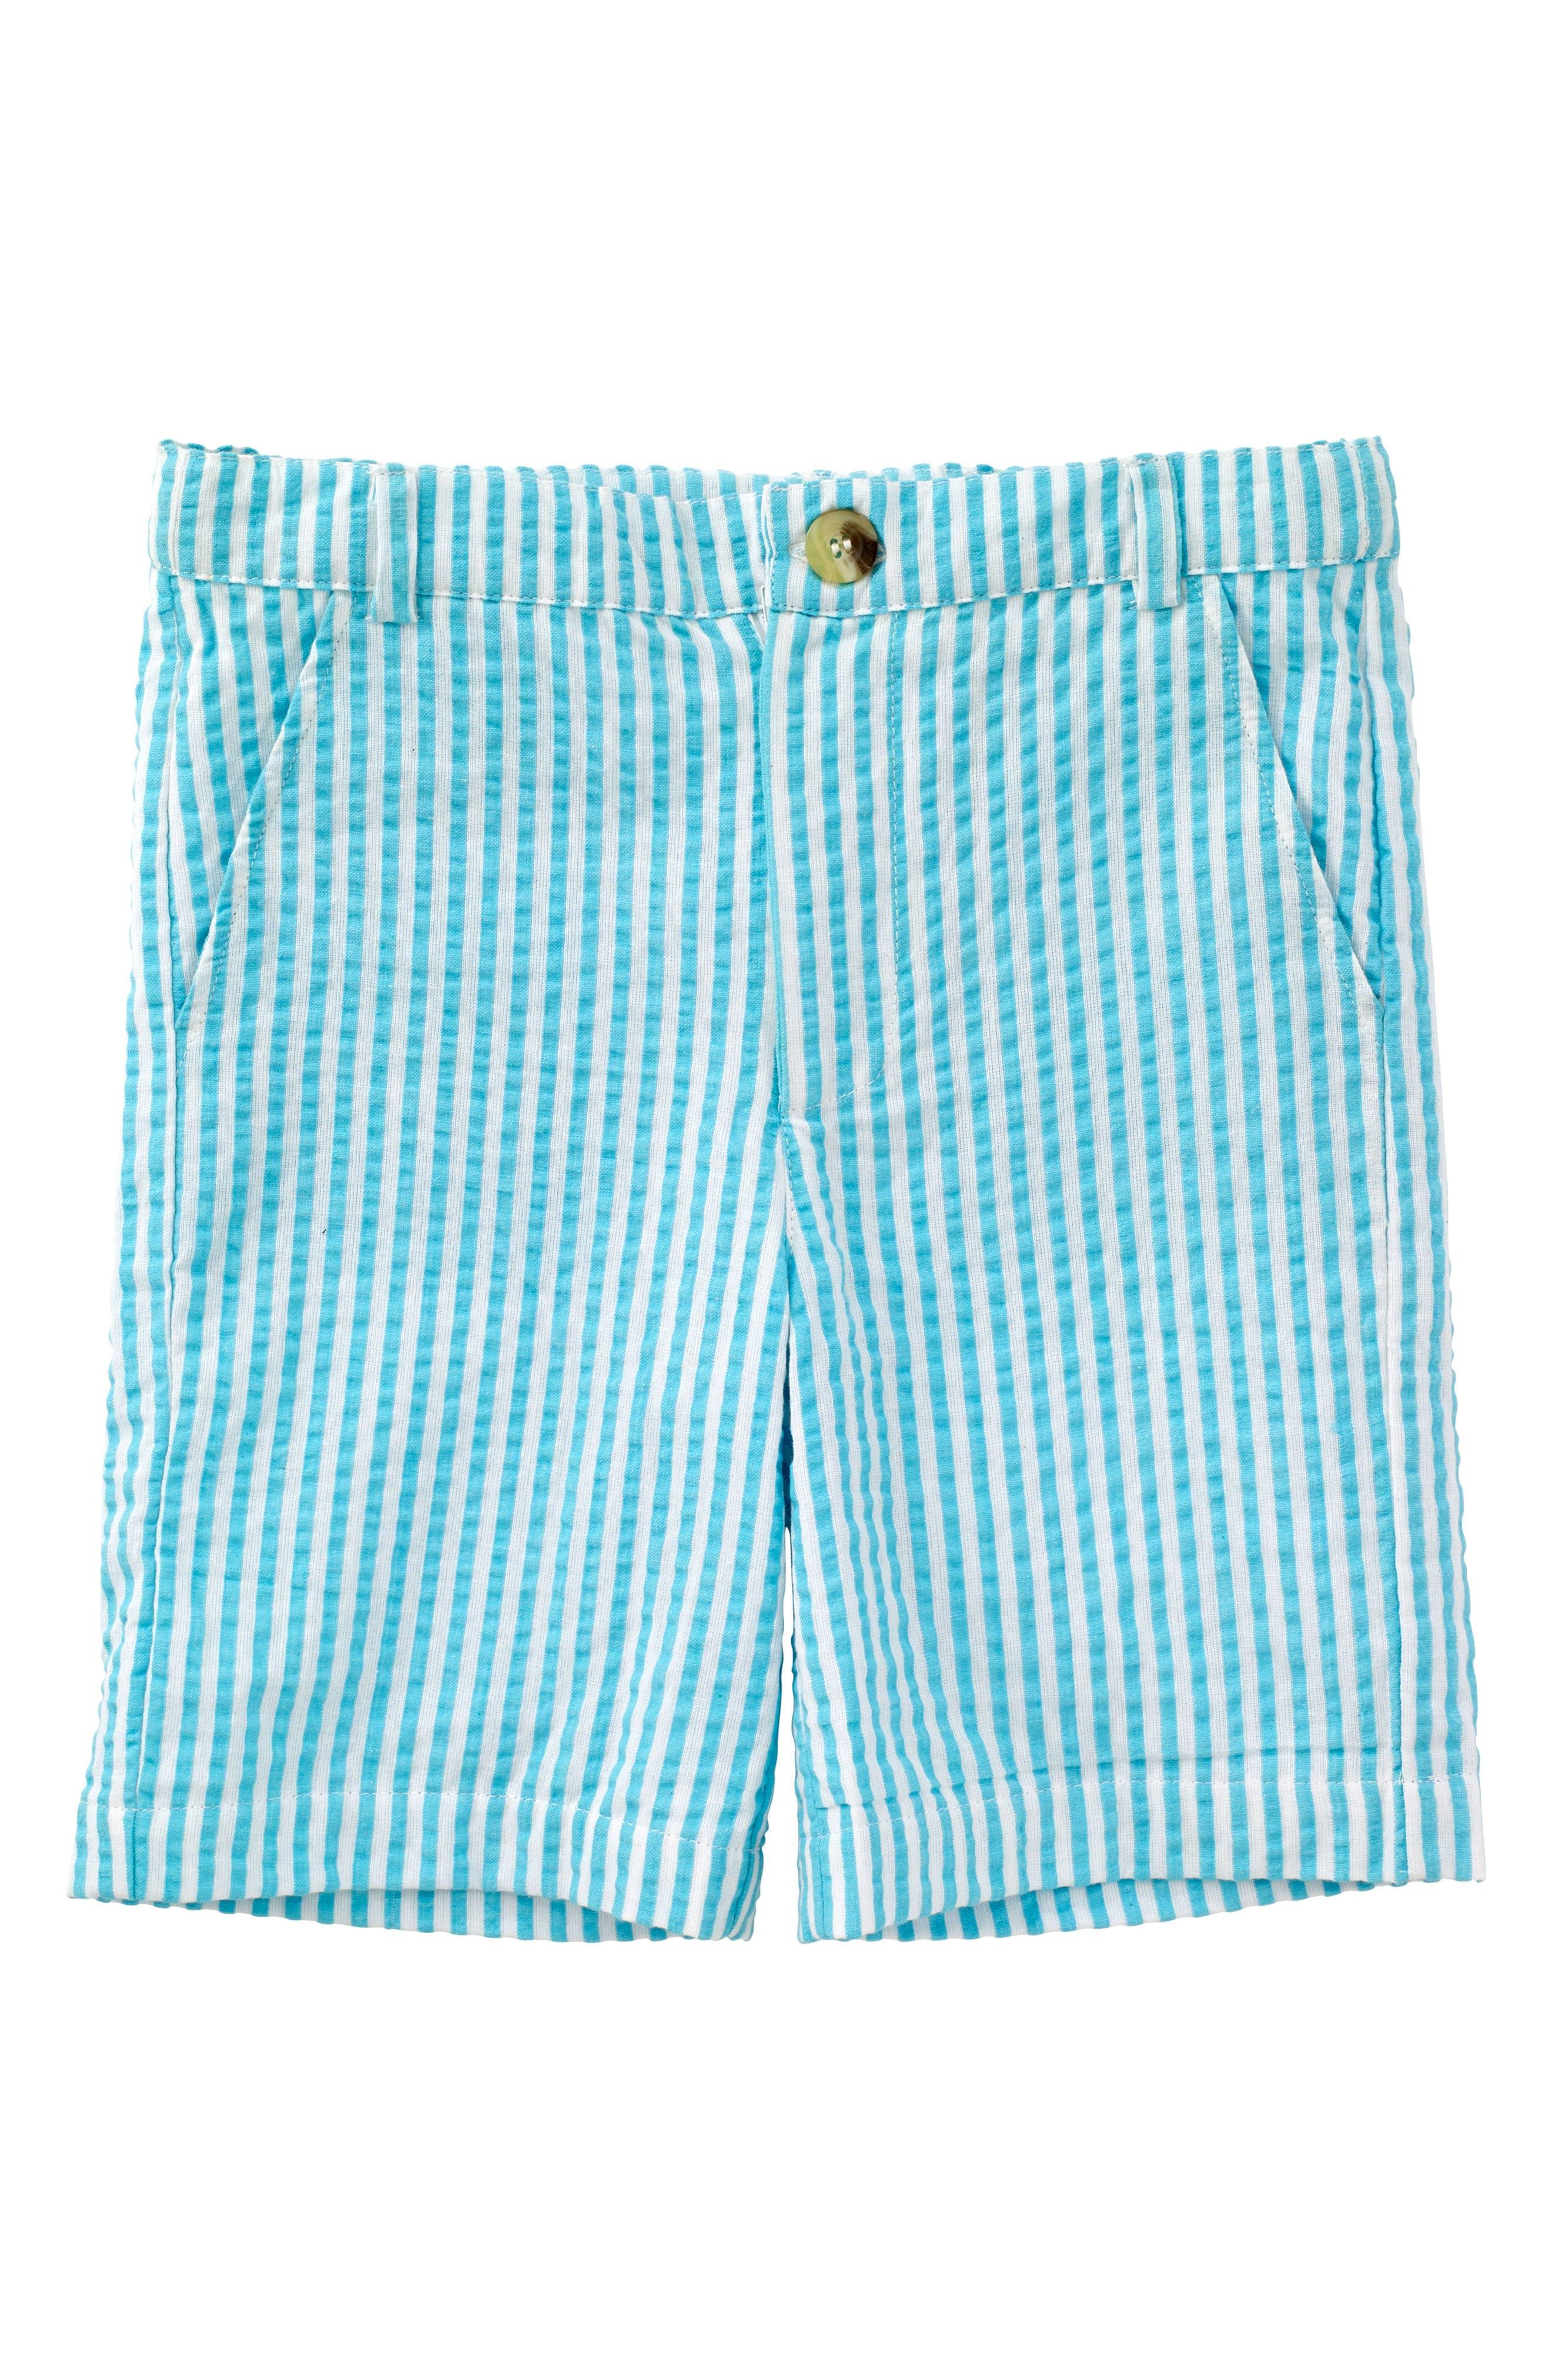 Masalababy Crosby Stripe Shorts,                             Main thumbnail 1, color,                             400